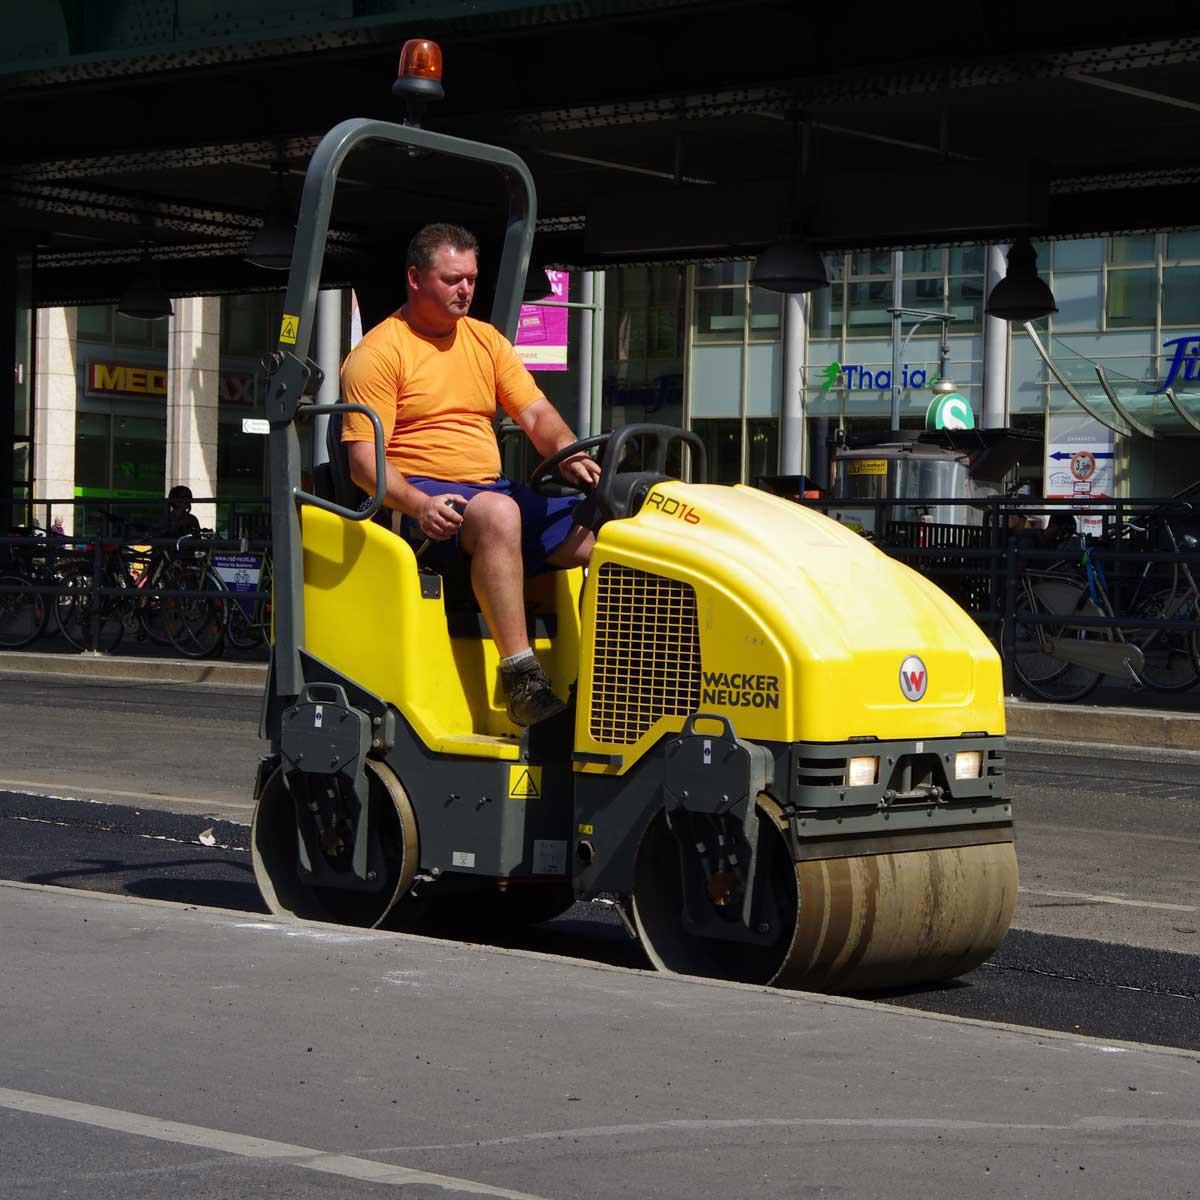 Wacker Neuson roller asphalt work